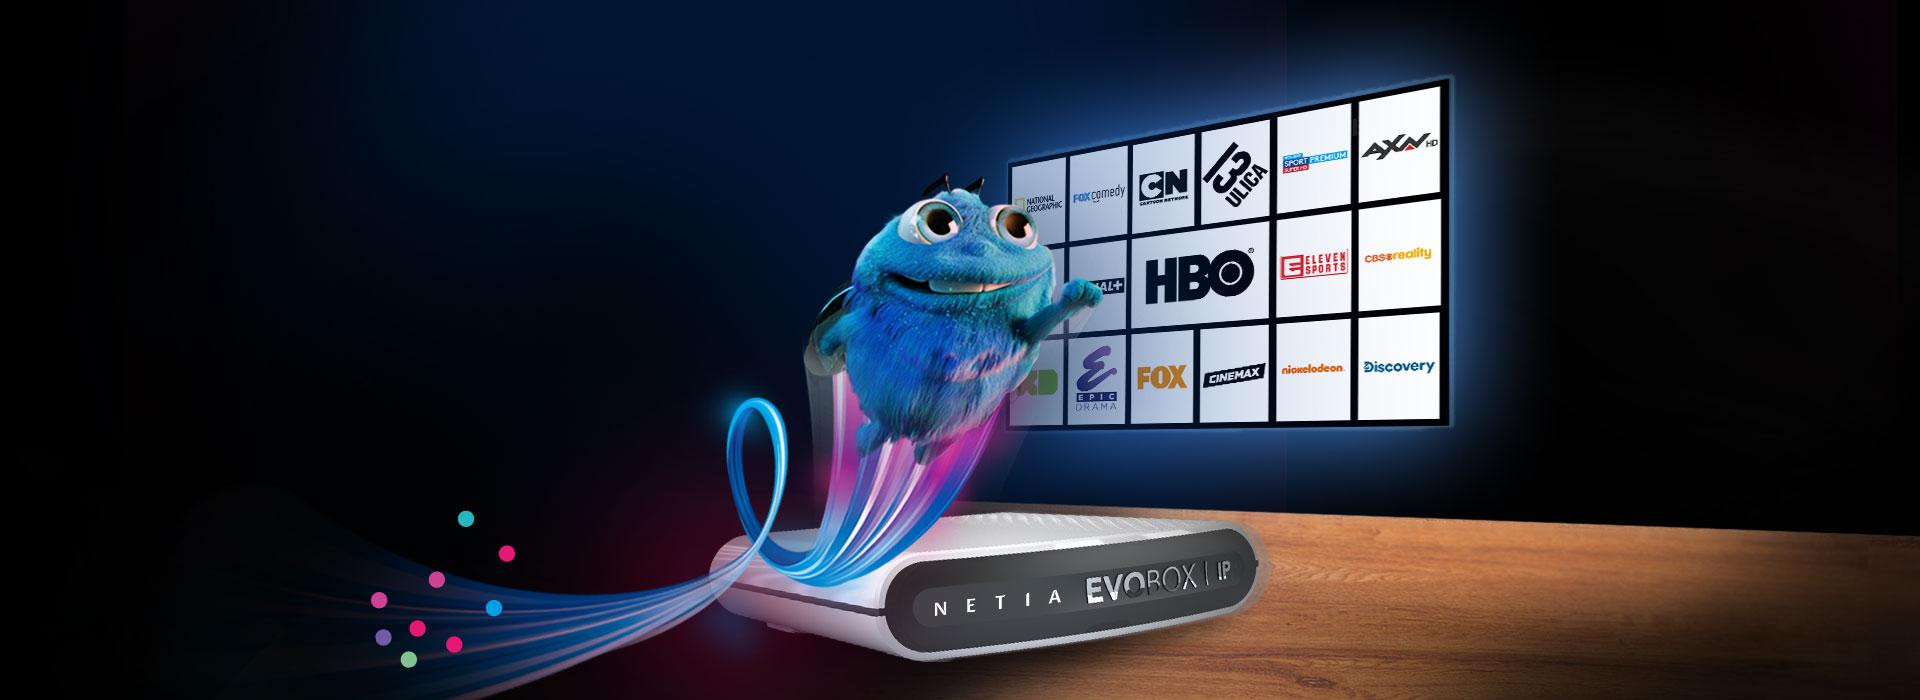 Netia nowa oferta pakiety telewizyjne